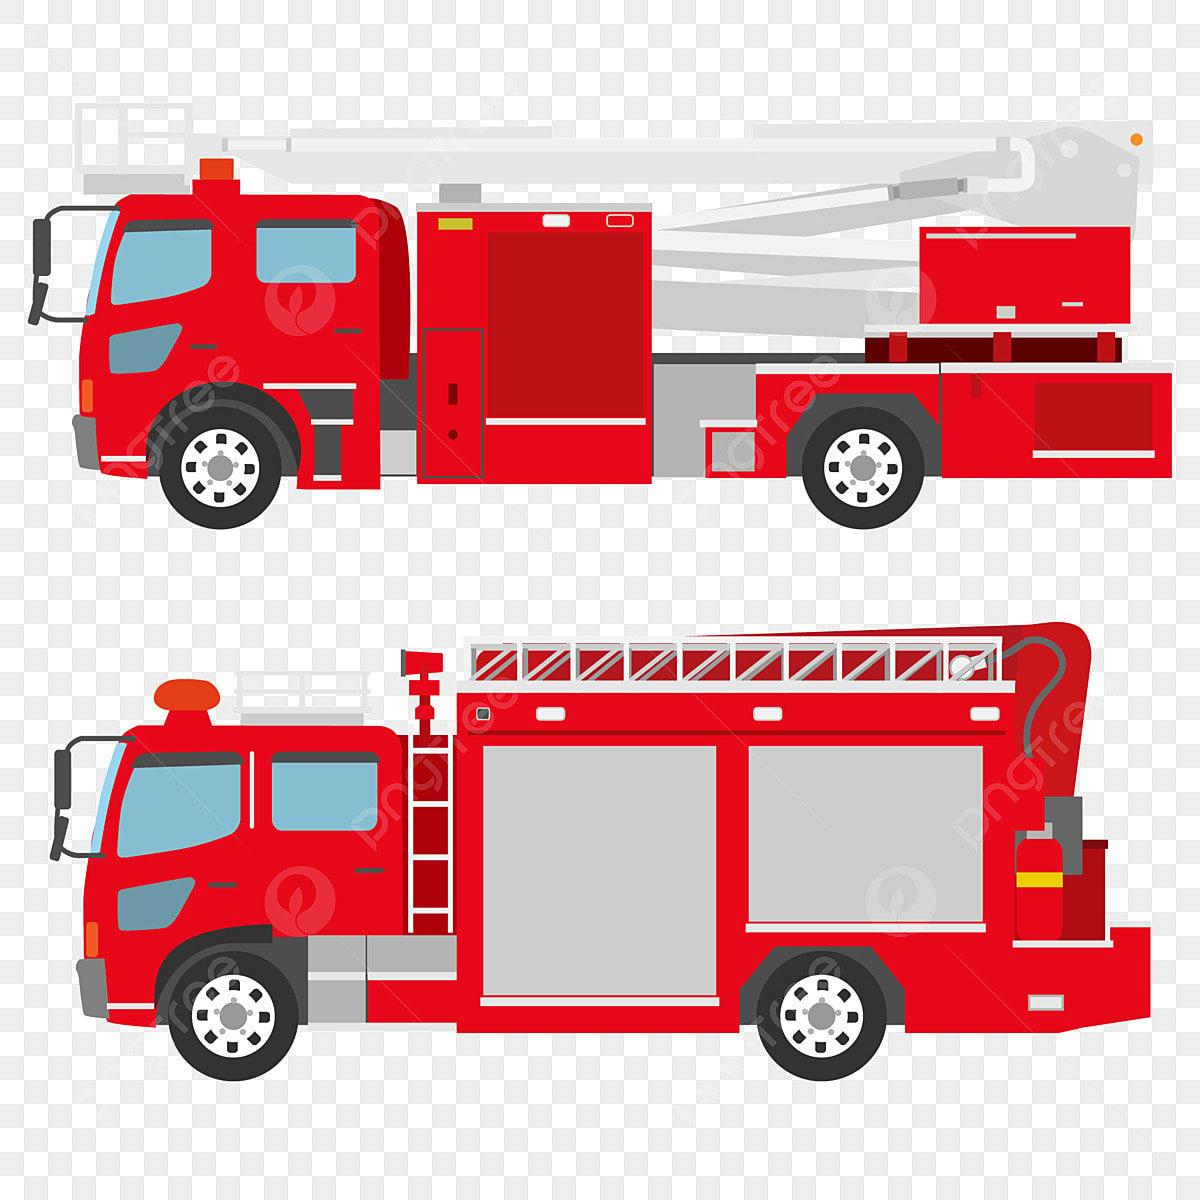 Gambar Pemadam Kebakaran Png Vektor Psd Dan Clipart Dengan Latar Belakang Transparan Untuk Download Gratis Pngtree